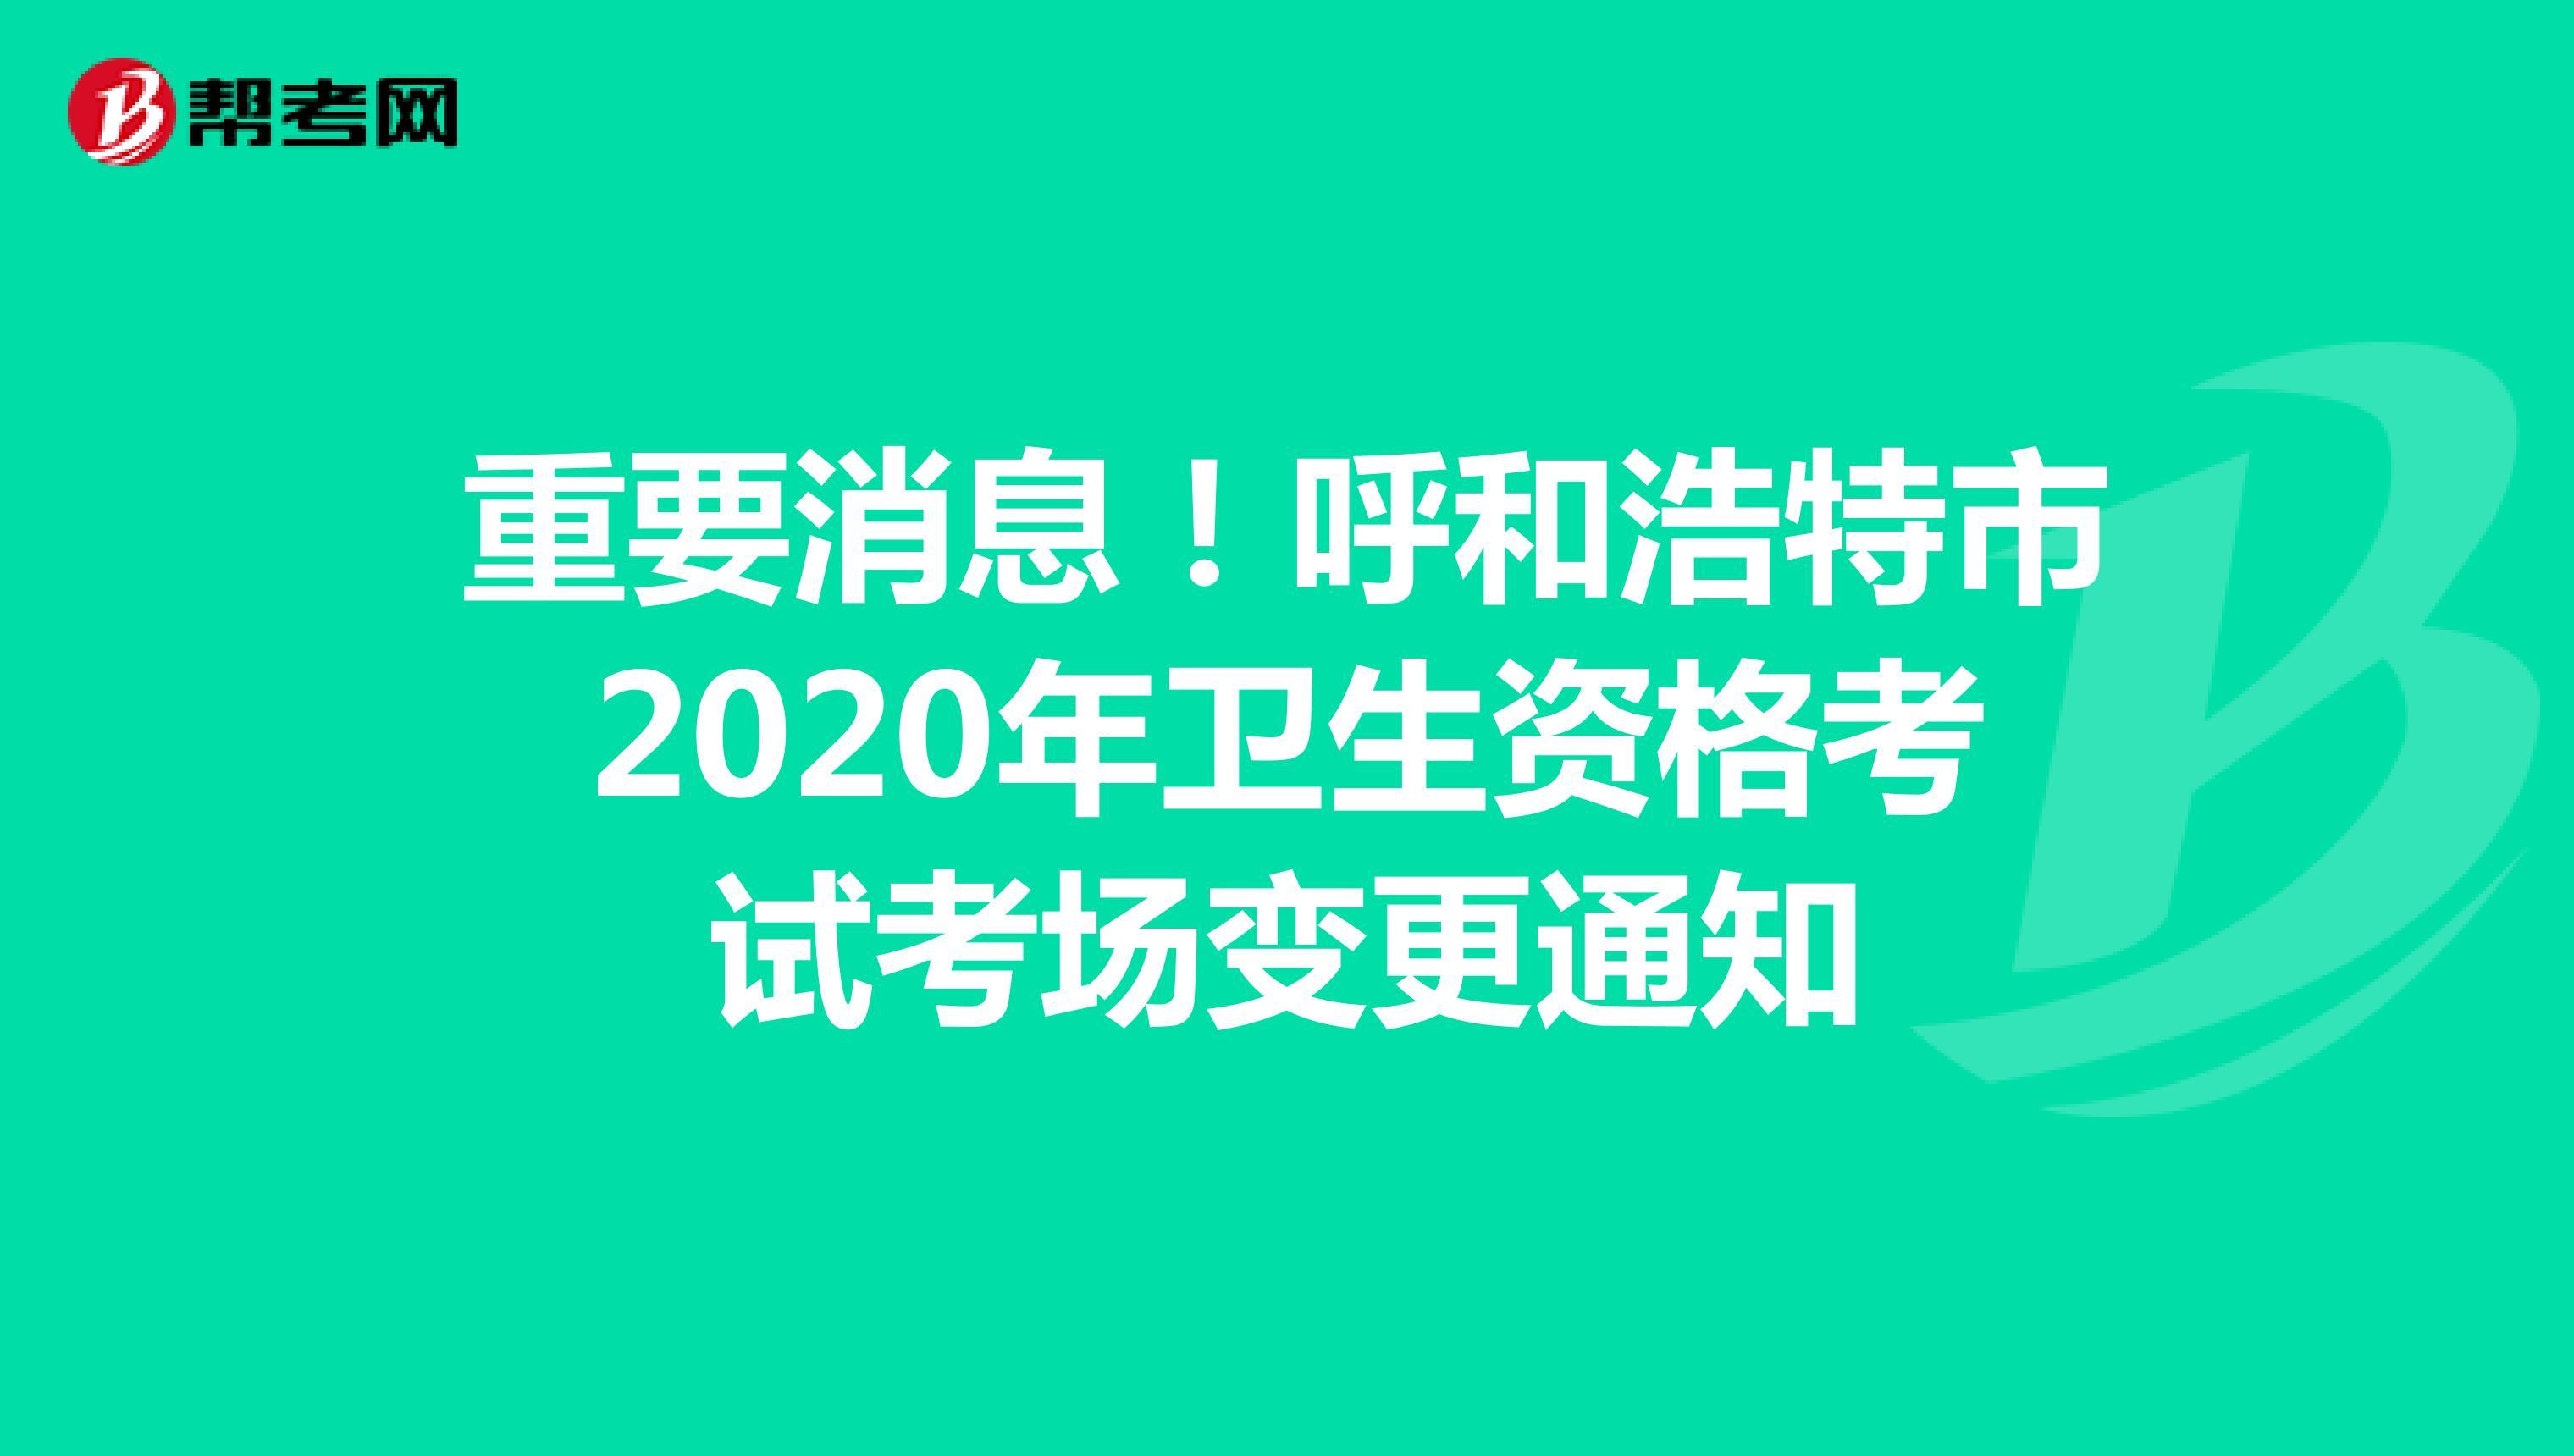 重要消息!呼和浩特市2020年卫生资格考试考场变更通知